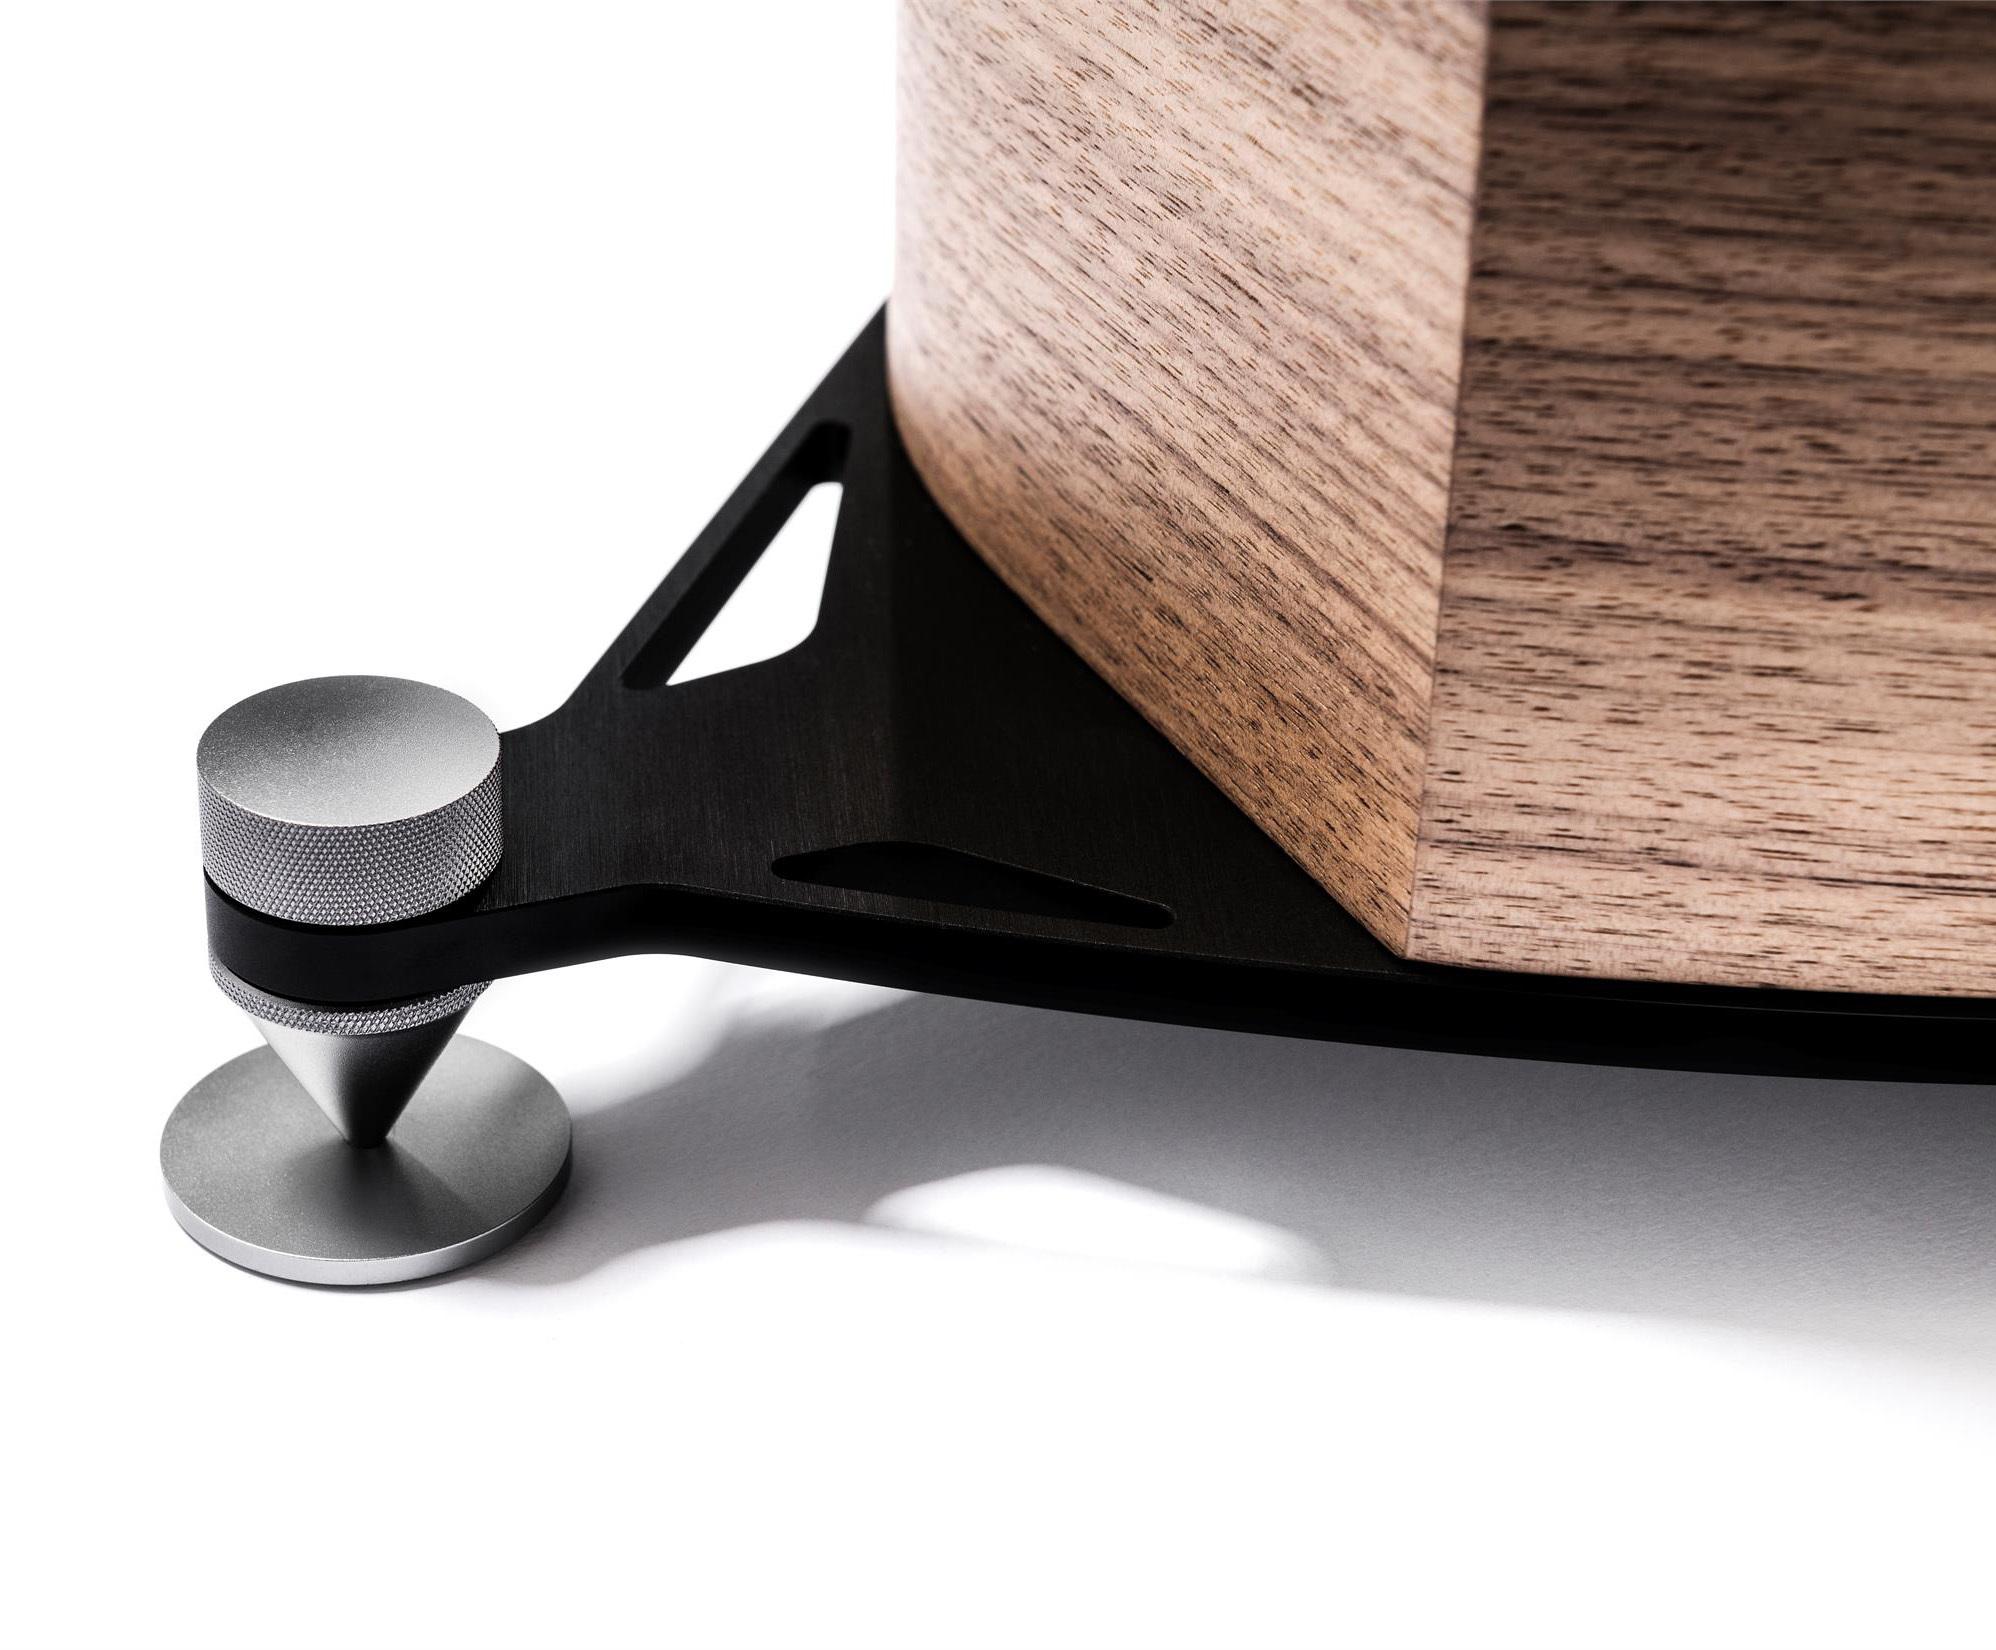 Sonus faber Sonetto VIII wood-detail.jpg